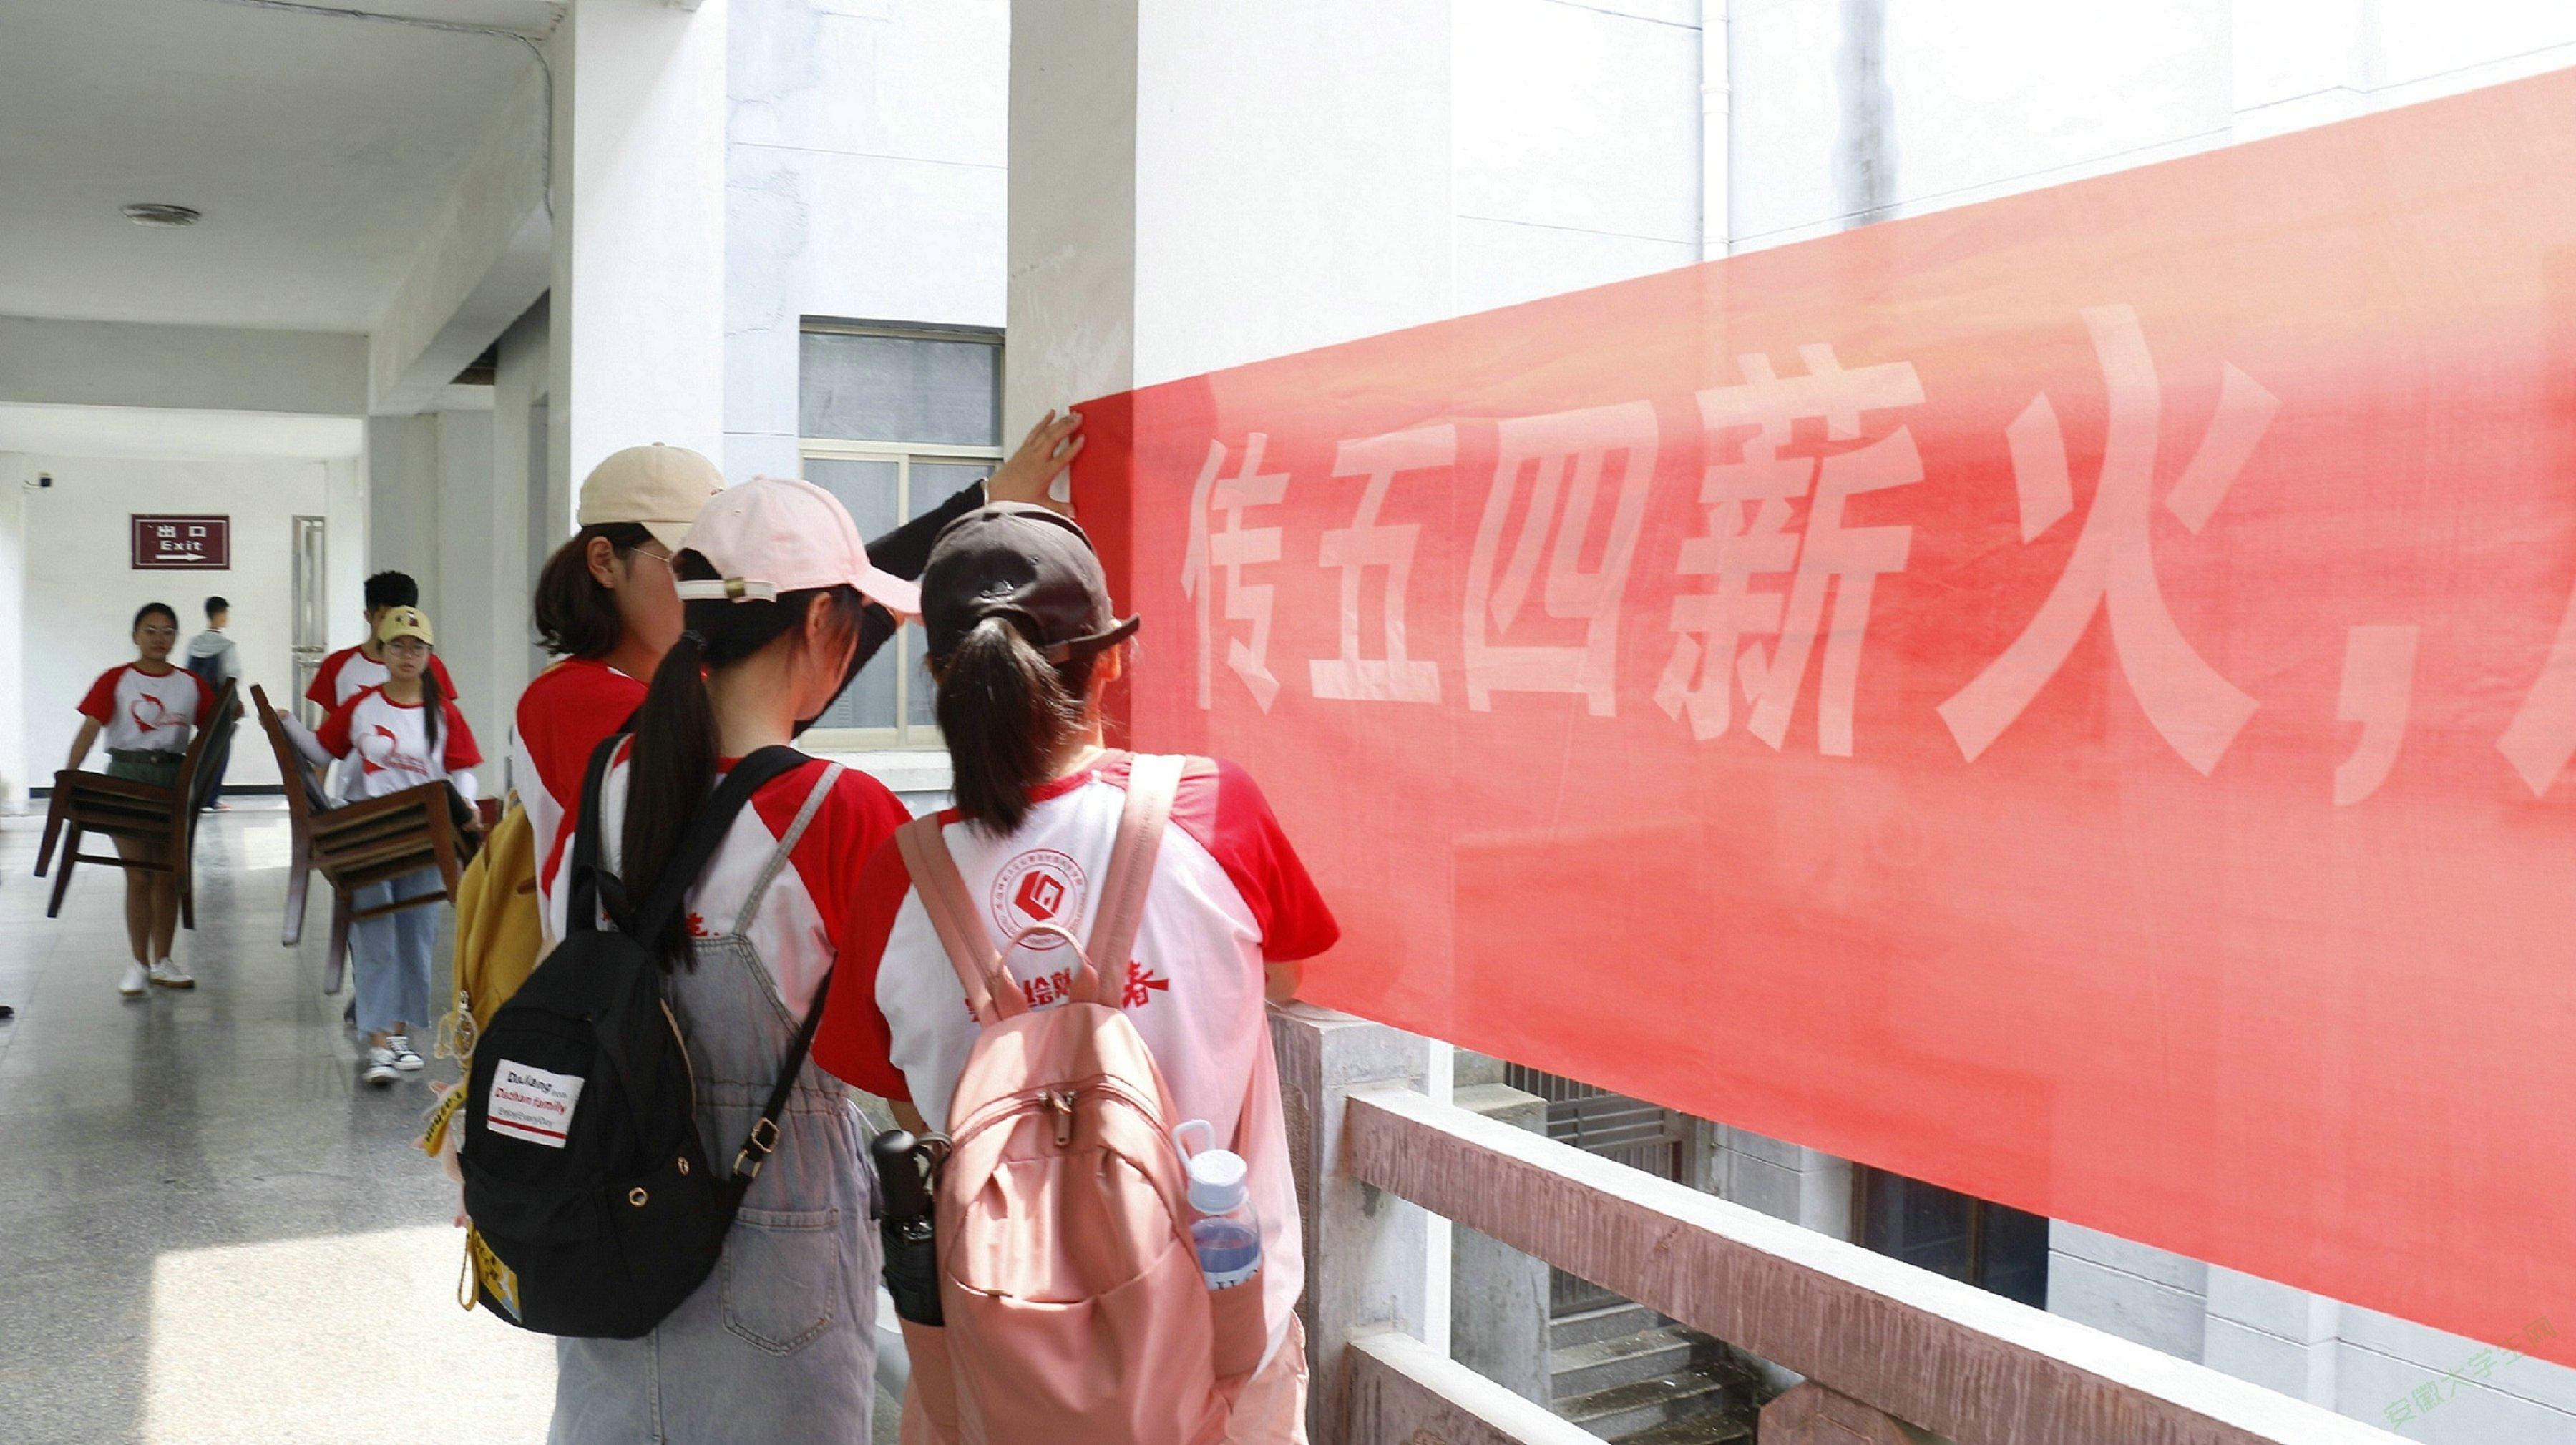 安徽师范大学三下乡暑期社会实践:传五四薪火,展青春风采